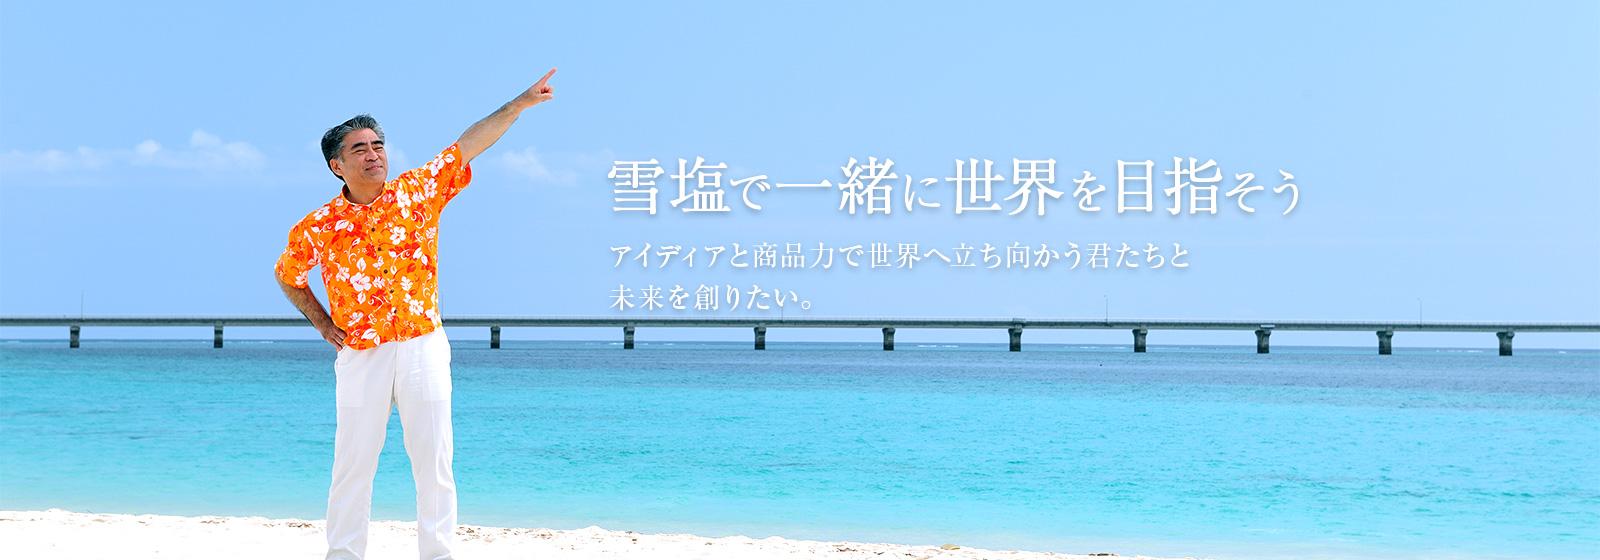 宮古島の塩が一番旨い:作っているからこそわかる 塩の味と力を知ってもらいたい。